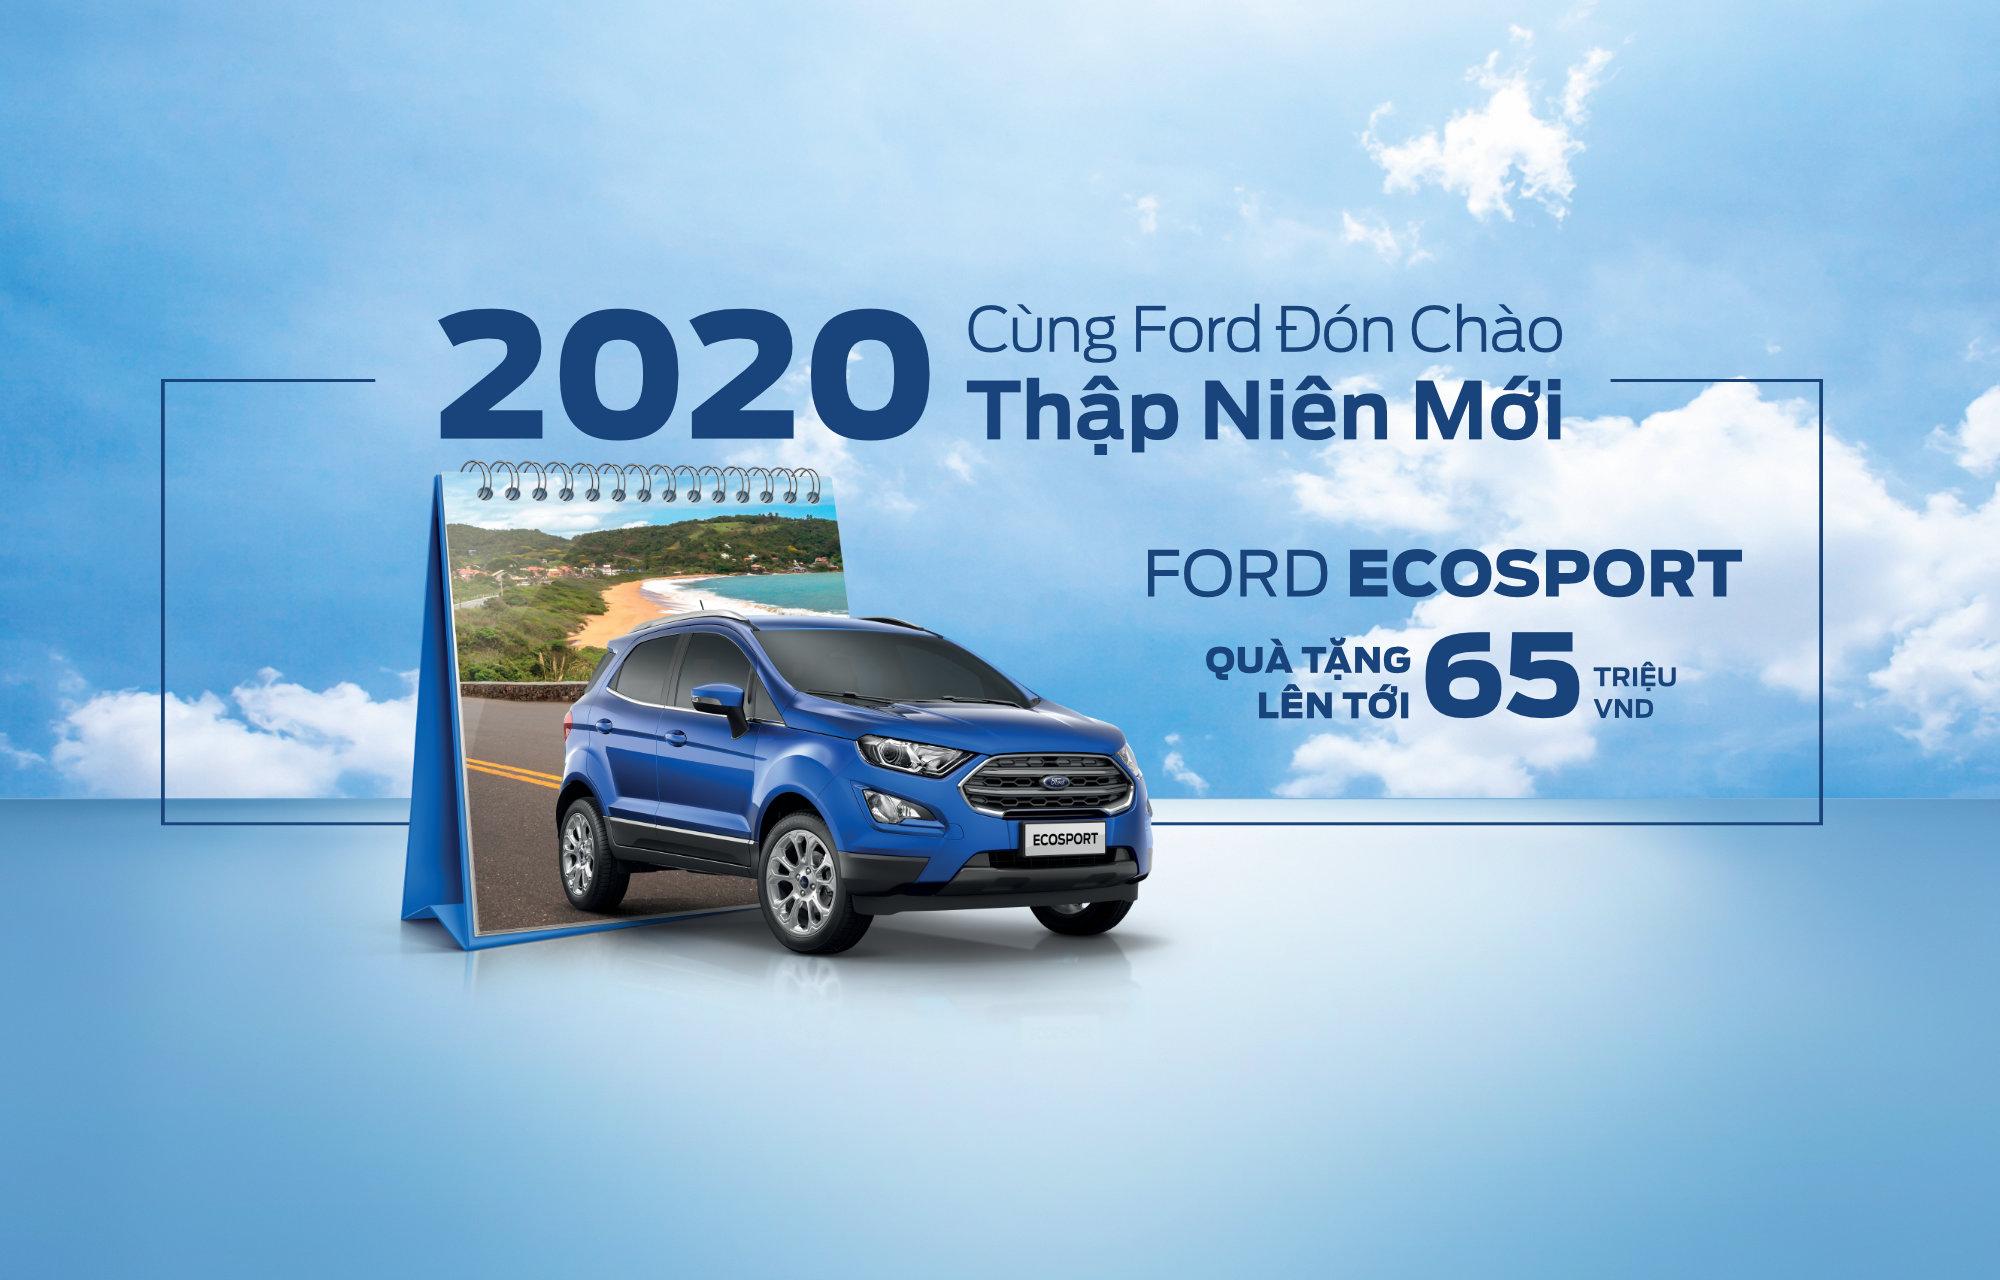 ưu-đãi-ford-ecosport-2020